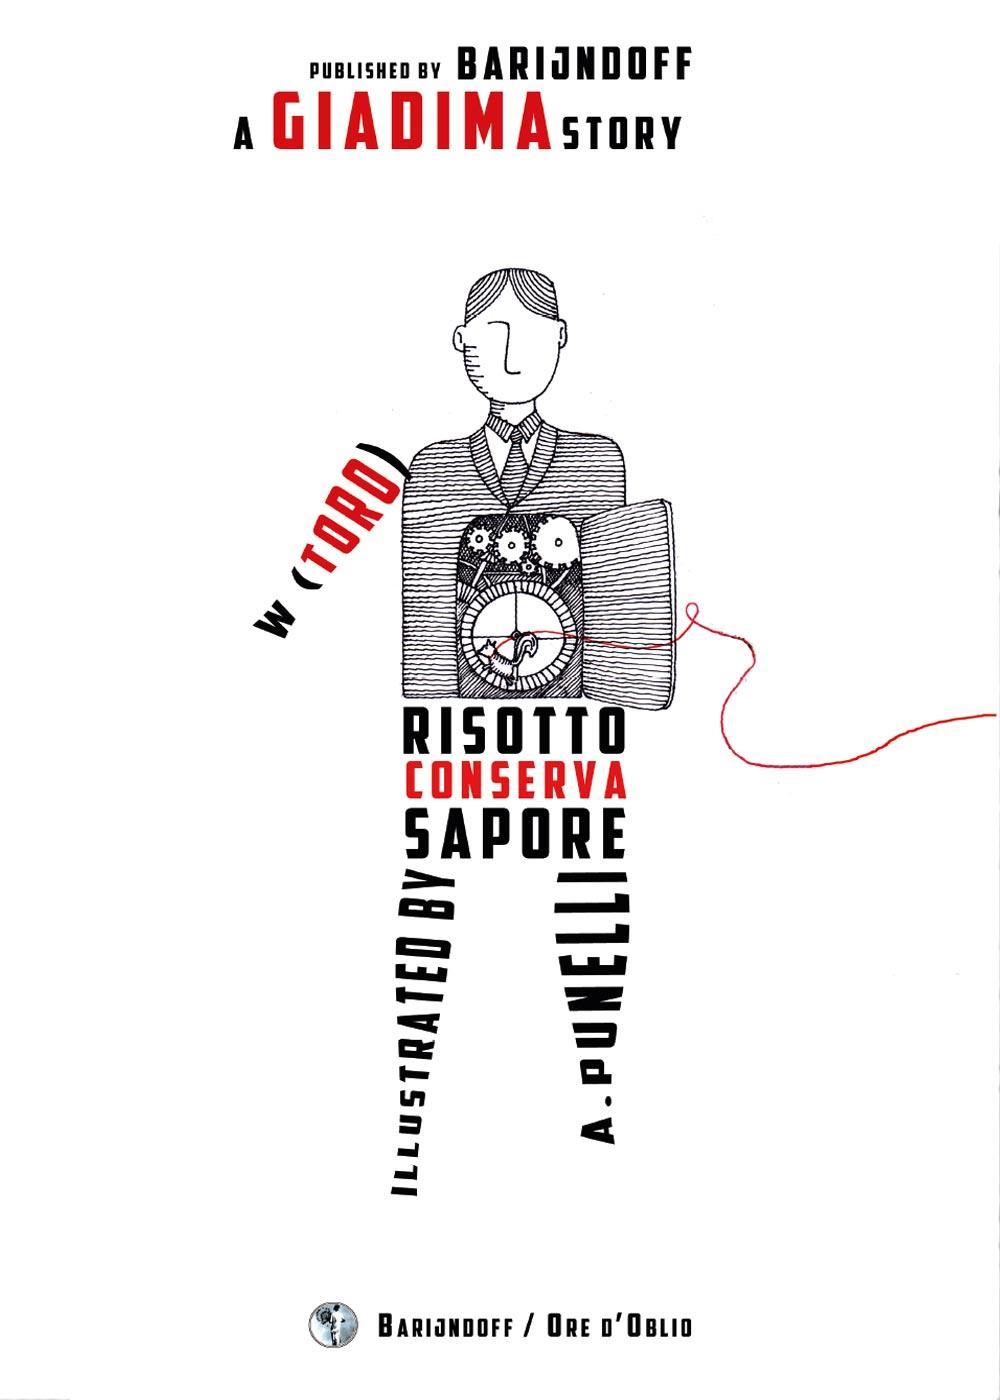 w (Toro) Risotto Conserva Sapore